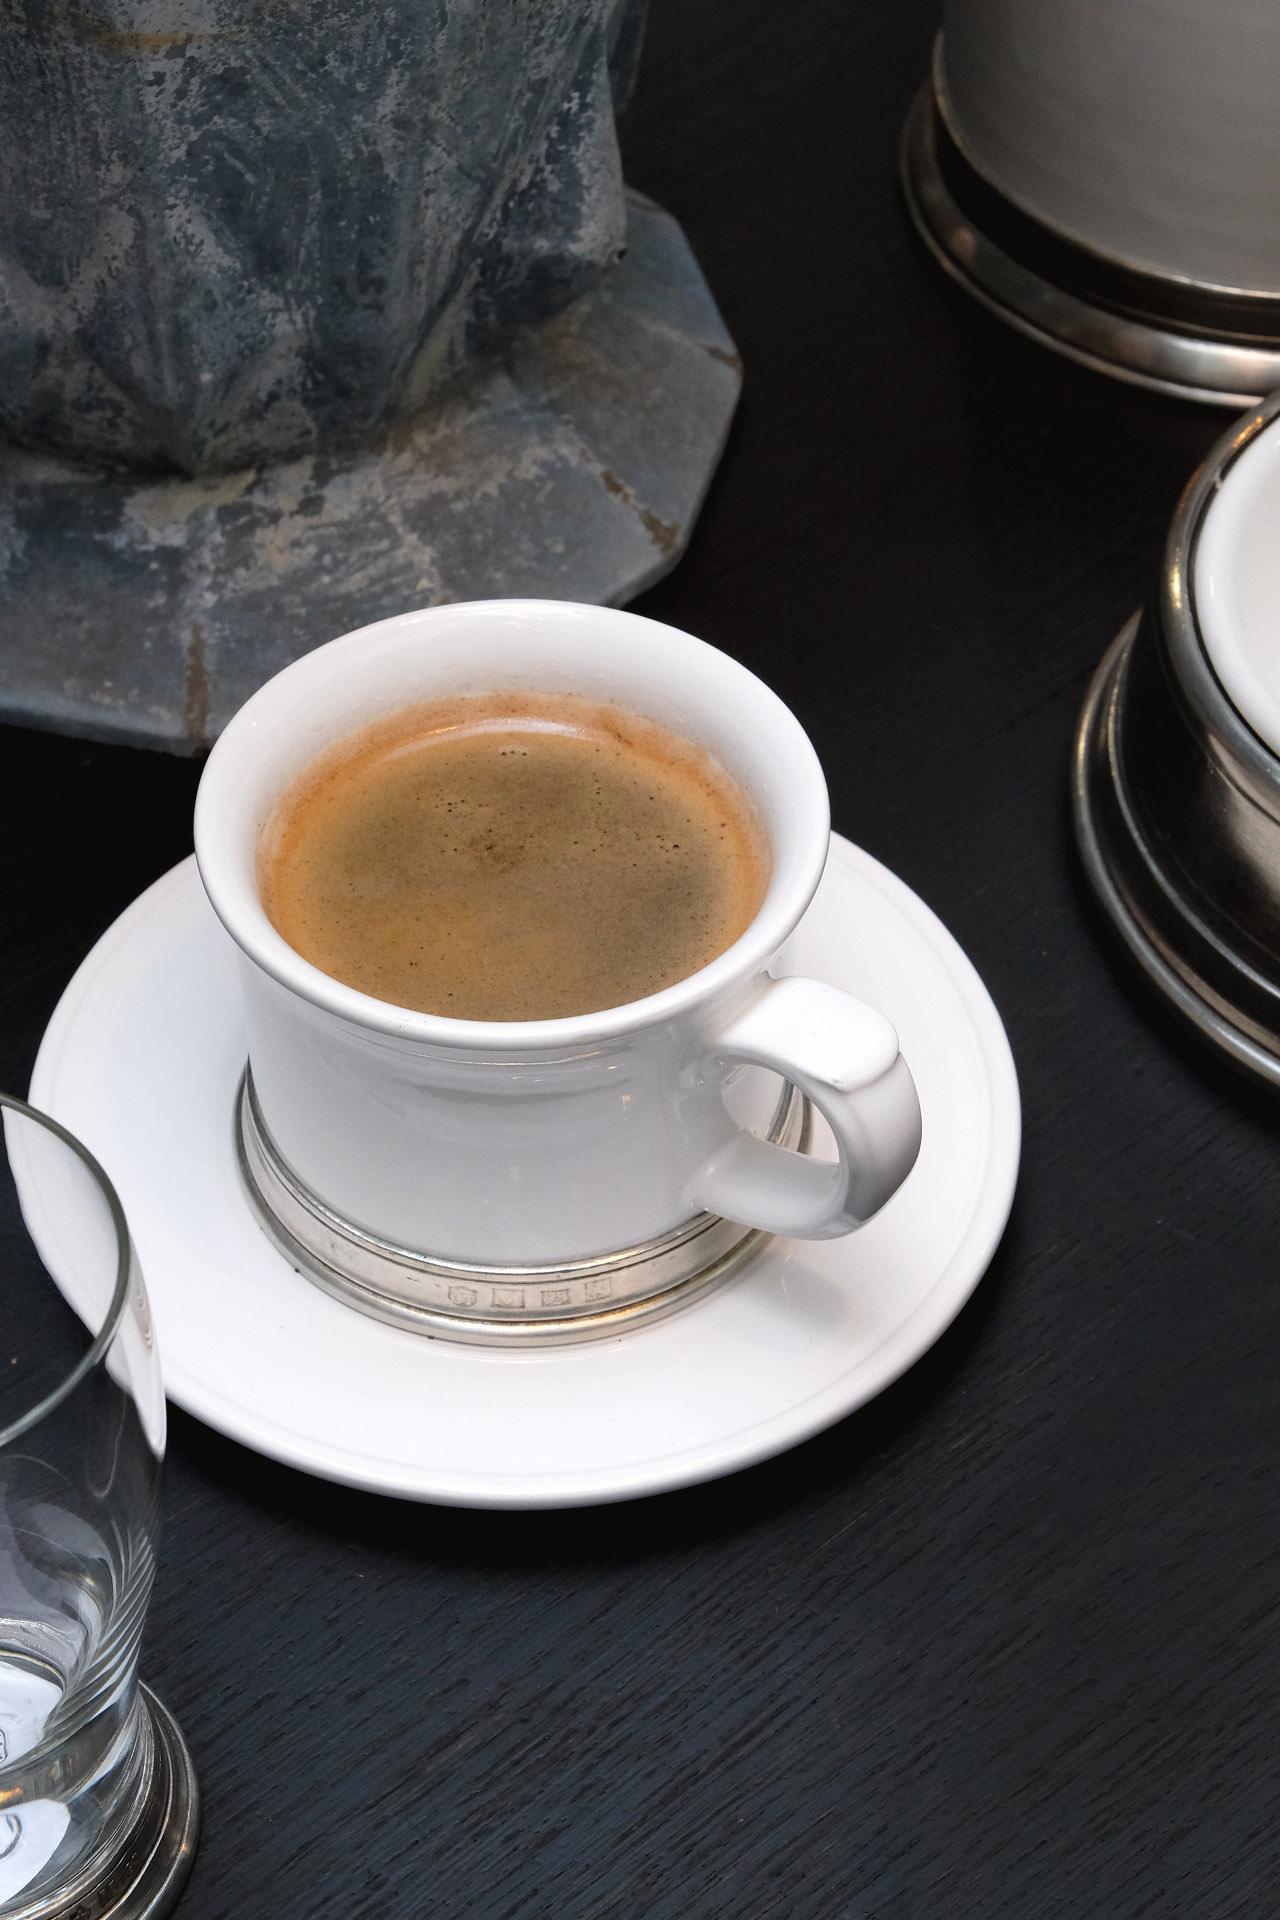 cositabellini-newstock-tassen-glaeser-geschirr-zinnrand-porzellan-coffee